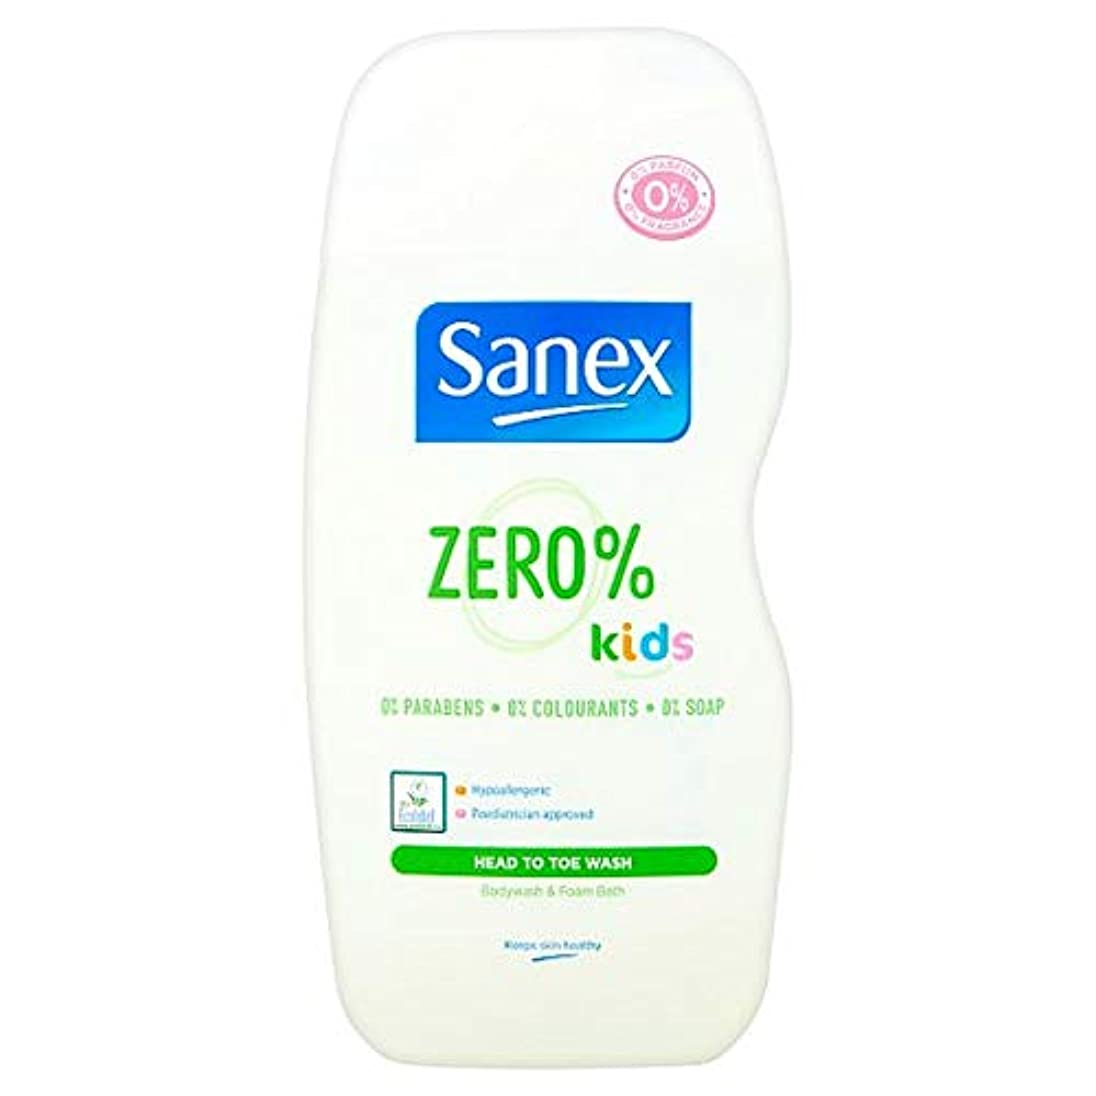 バンドル平らにする正直[Sanex] Sanexゼロ%キッズボディウォッシュとFoambath 500ミリリットル - Sanex Zero% Kids Body Wash And Foambath 500Ml [並行輸入品]